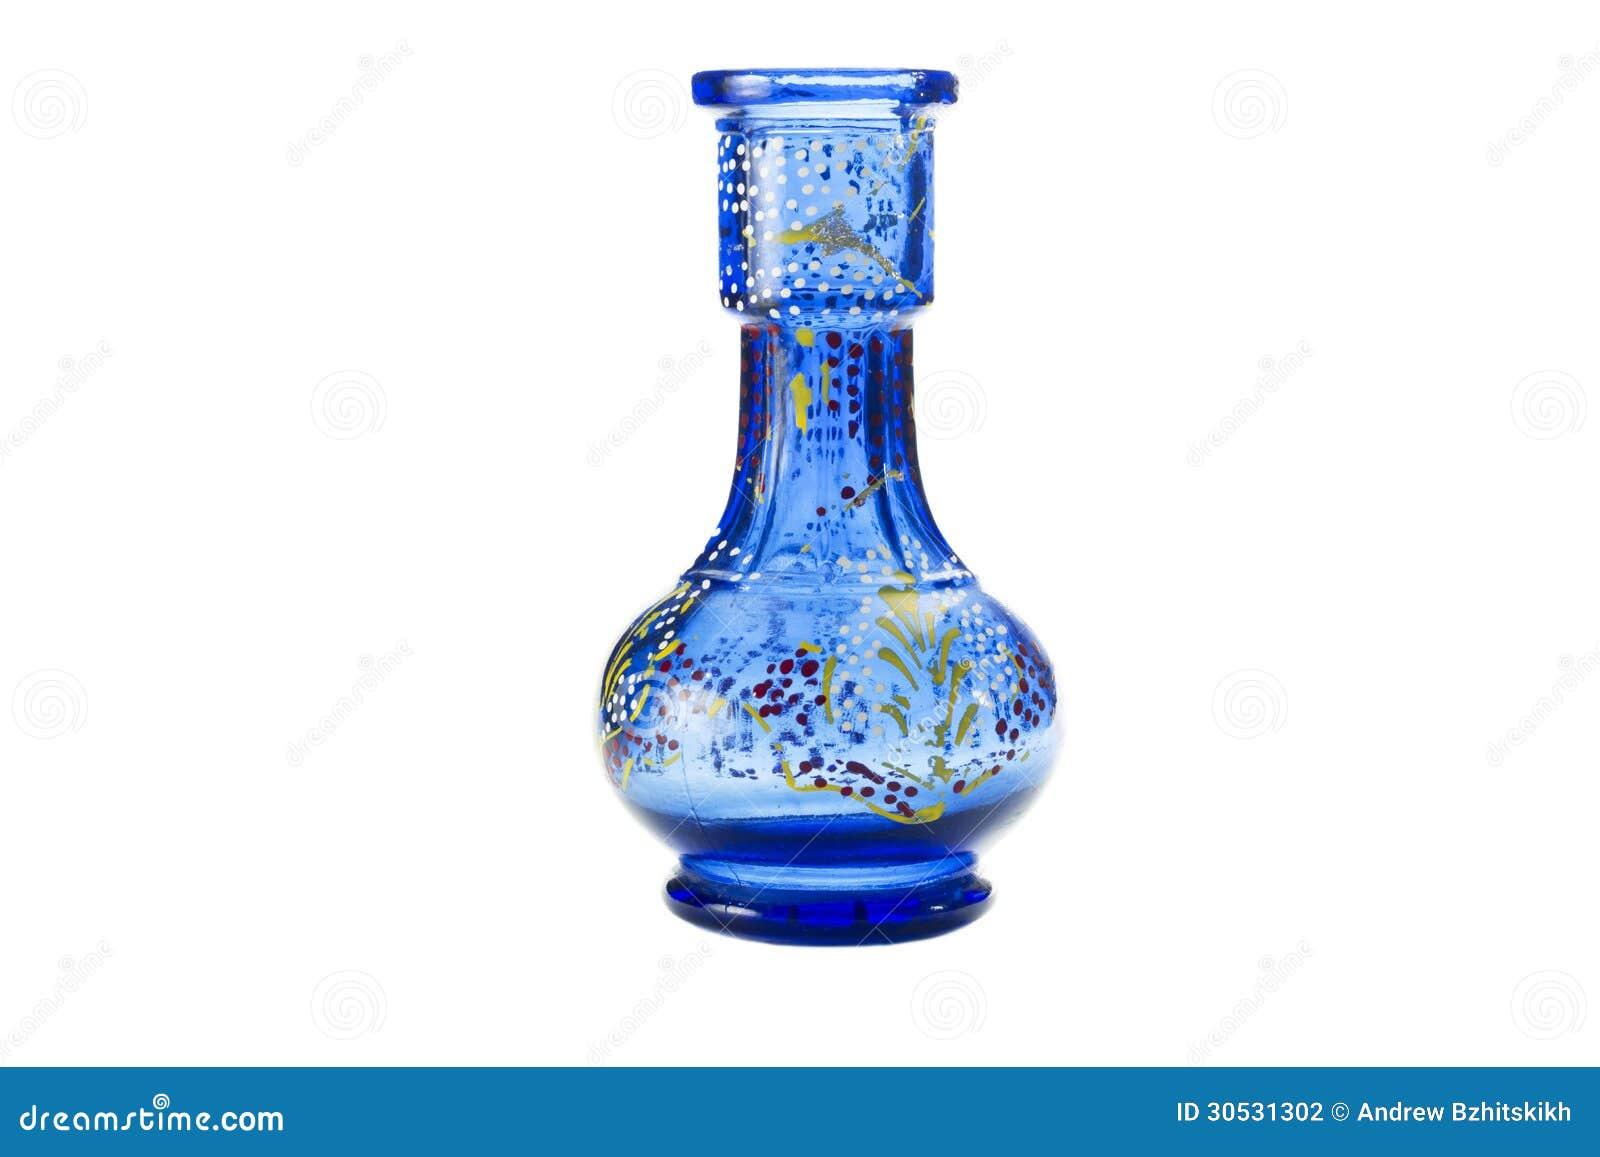 blue ceramic vases